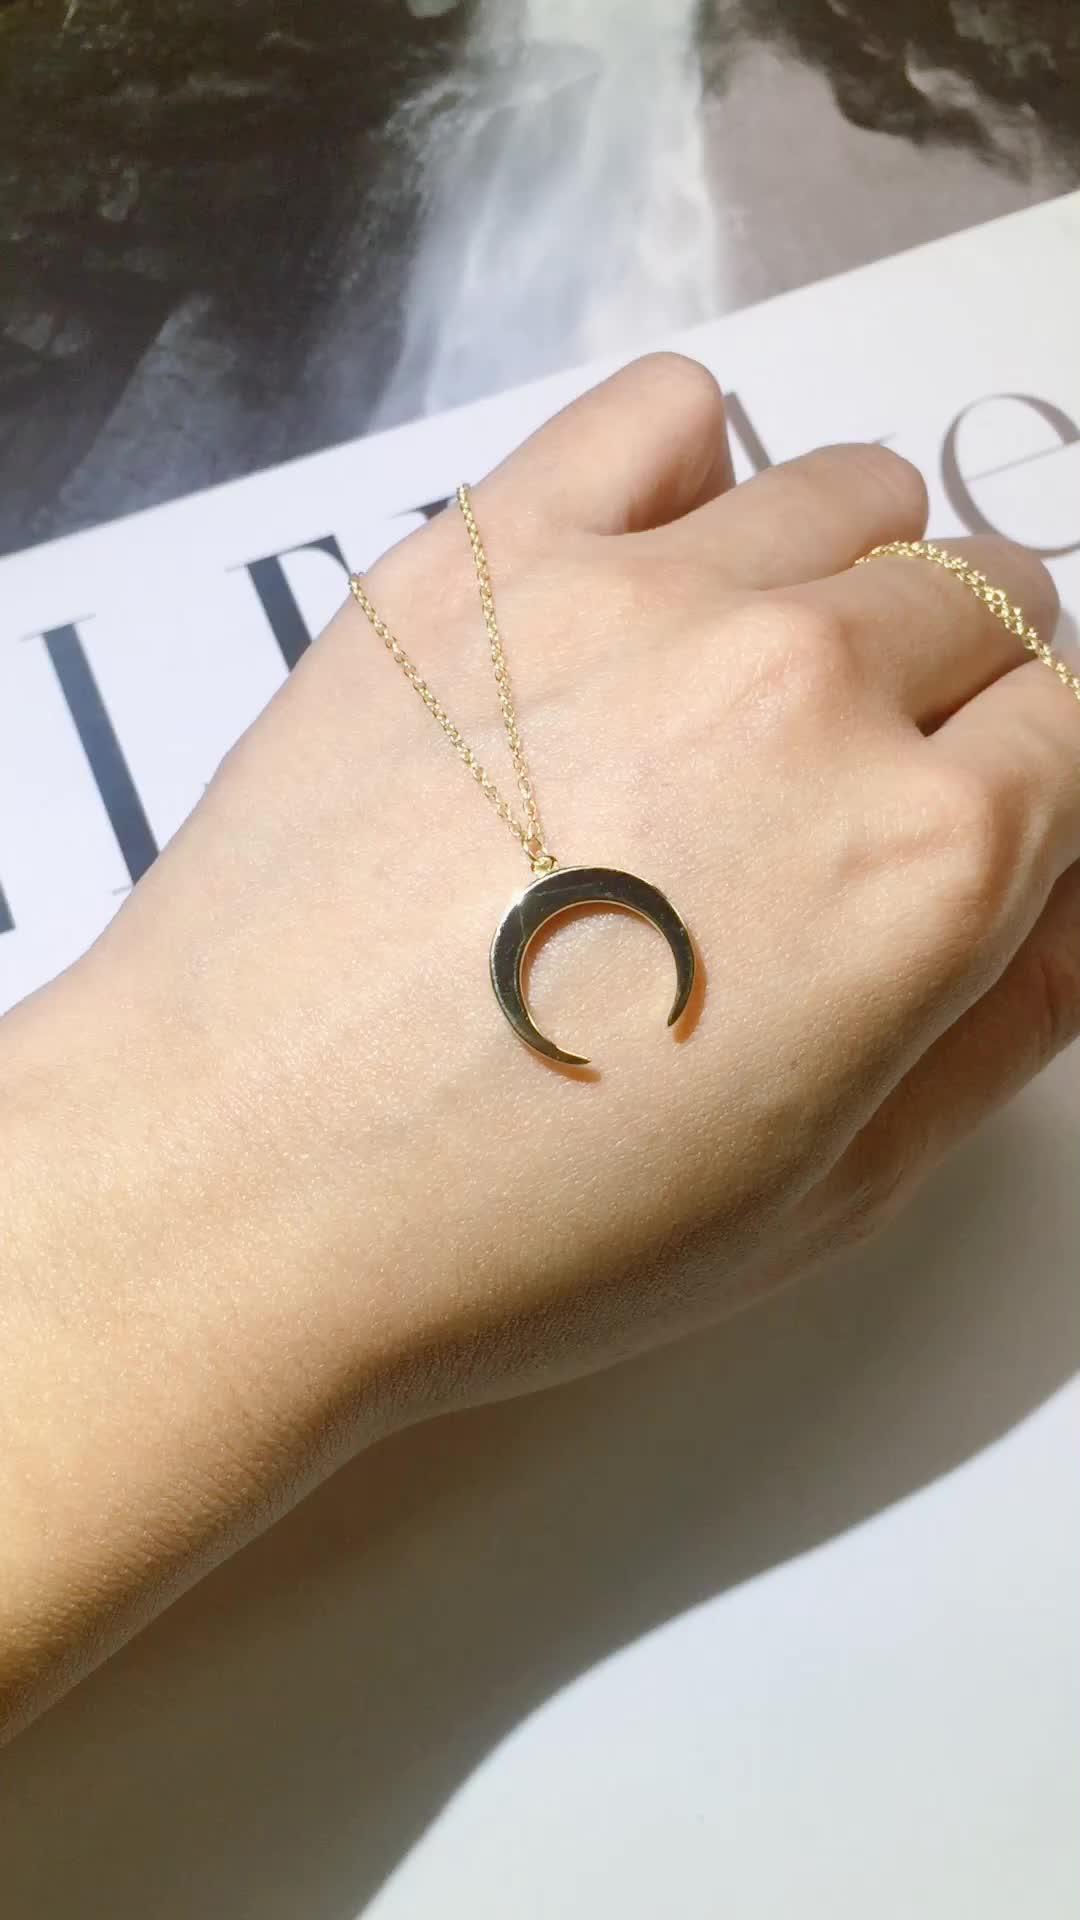 Fabrik Großhandel Mode Frauen 925 Silber Mond Anhänger 18k Gold Überzogene Schmuck Halskette Für Frauen